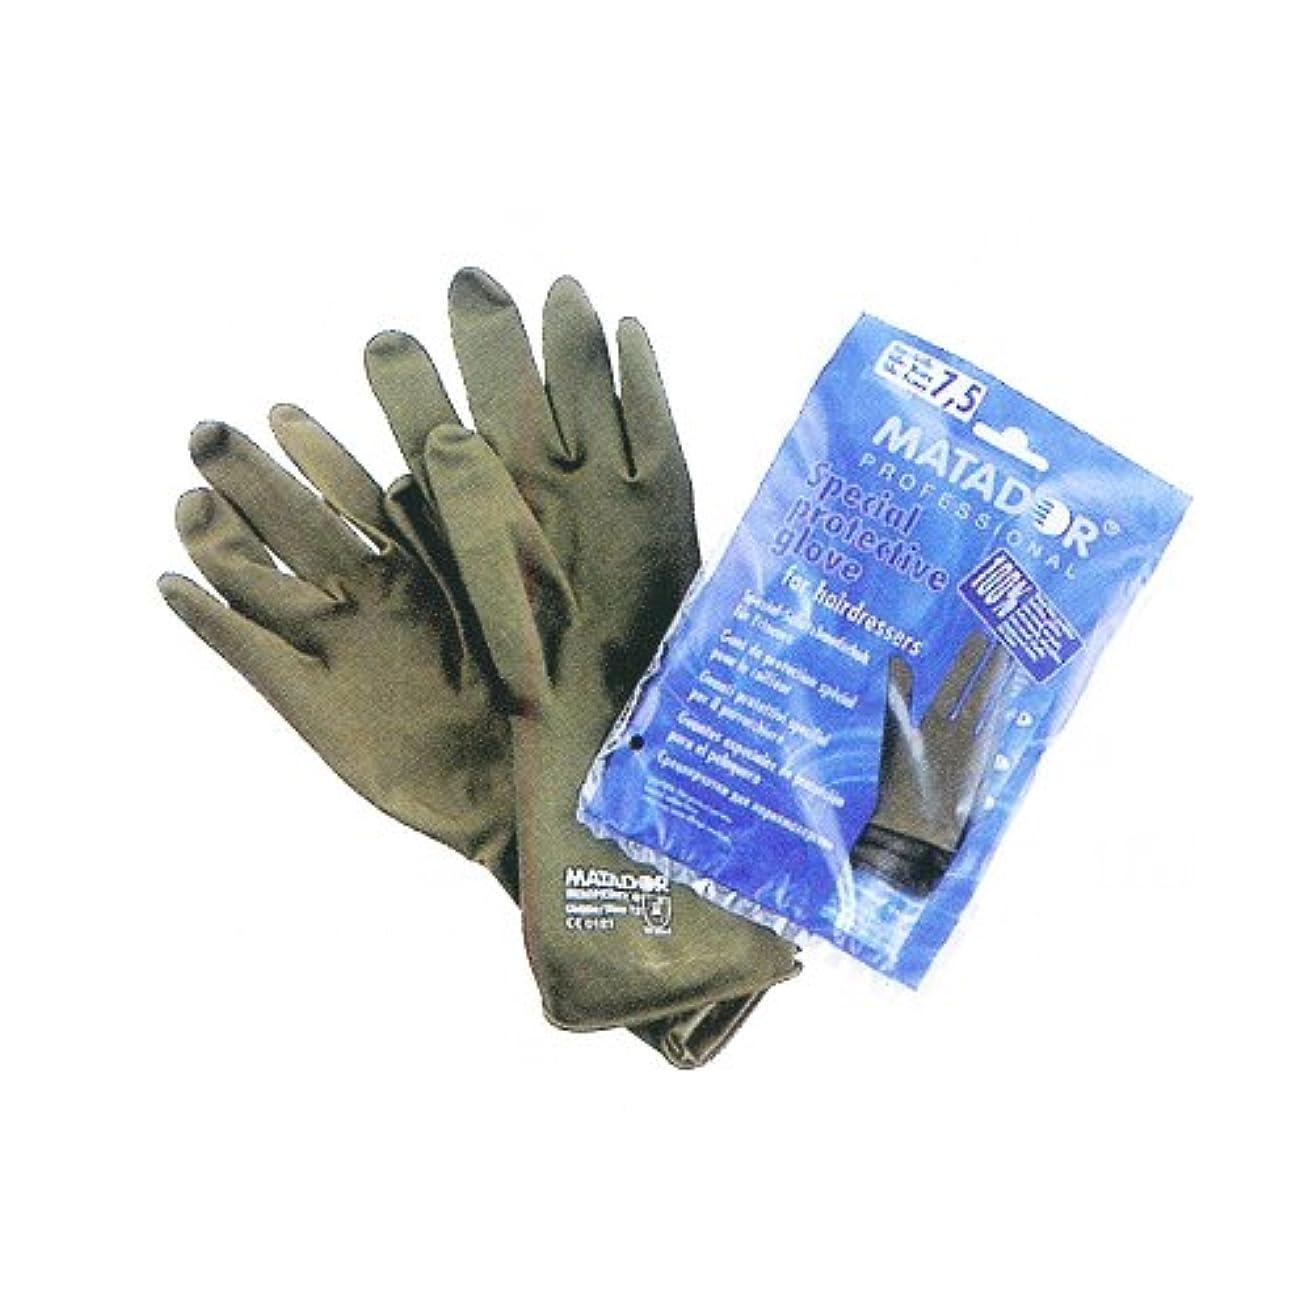 成功ネコ緊張マタドールゴム手袋 6.0吋